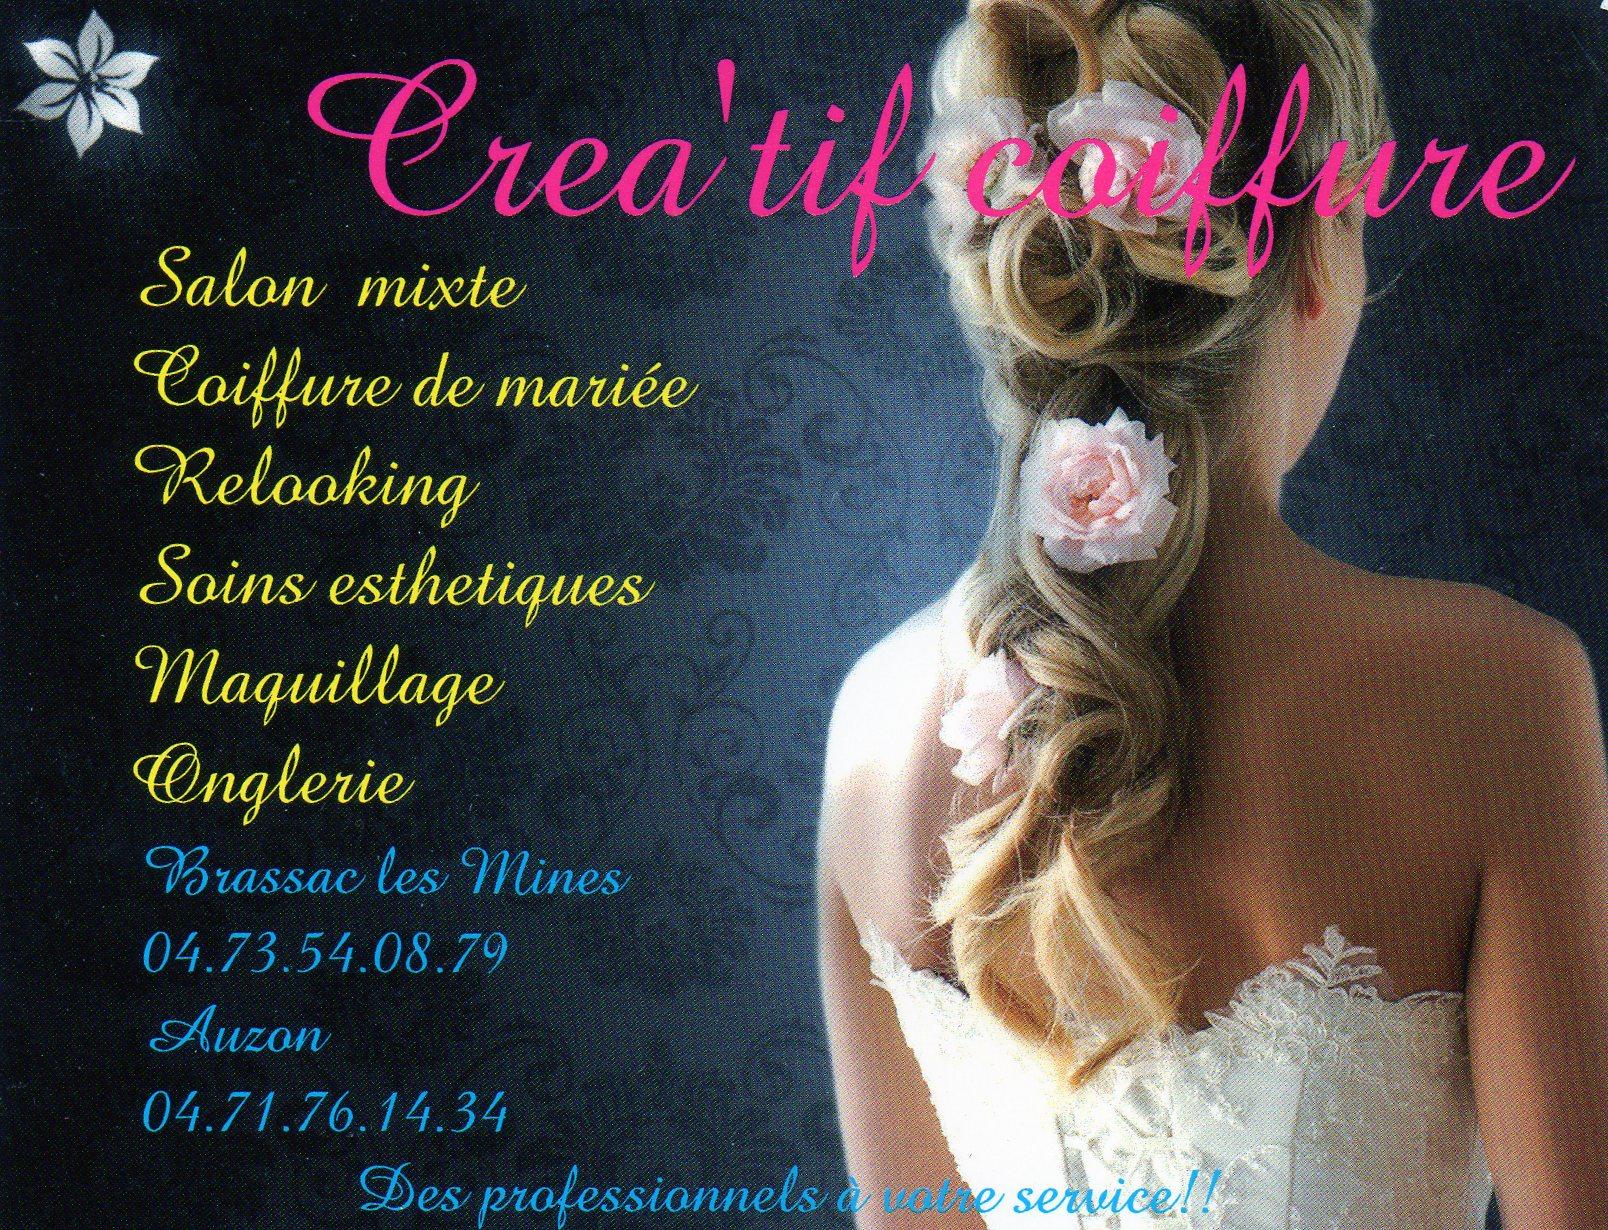 Créa'tif coiffure Brassac-les-Mines